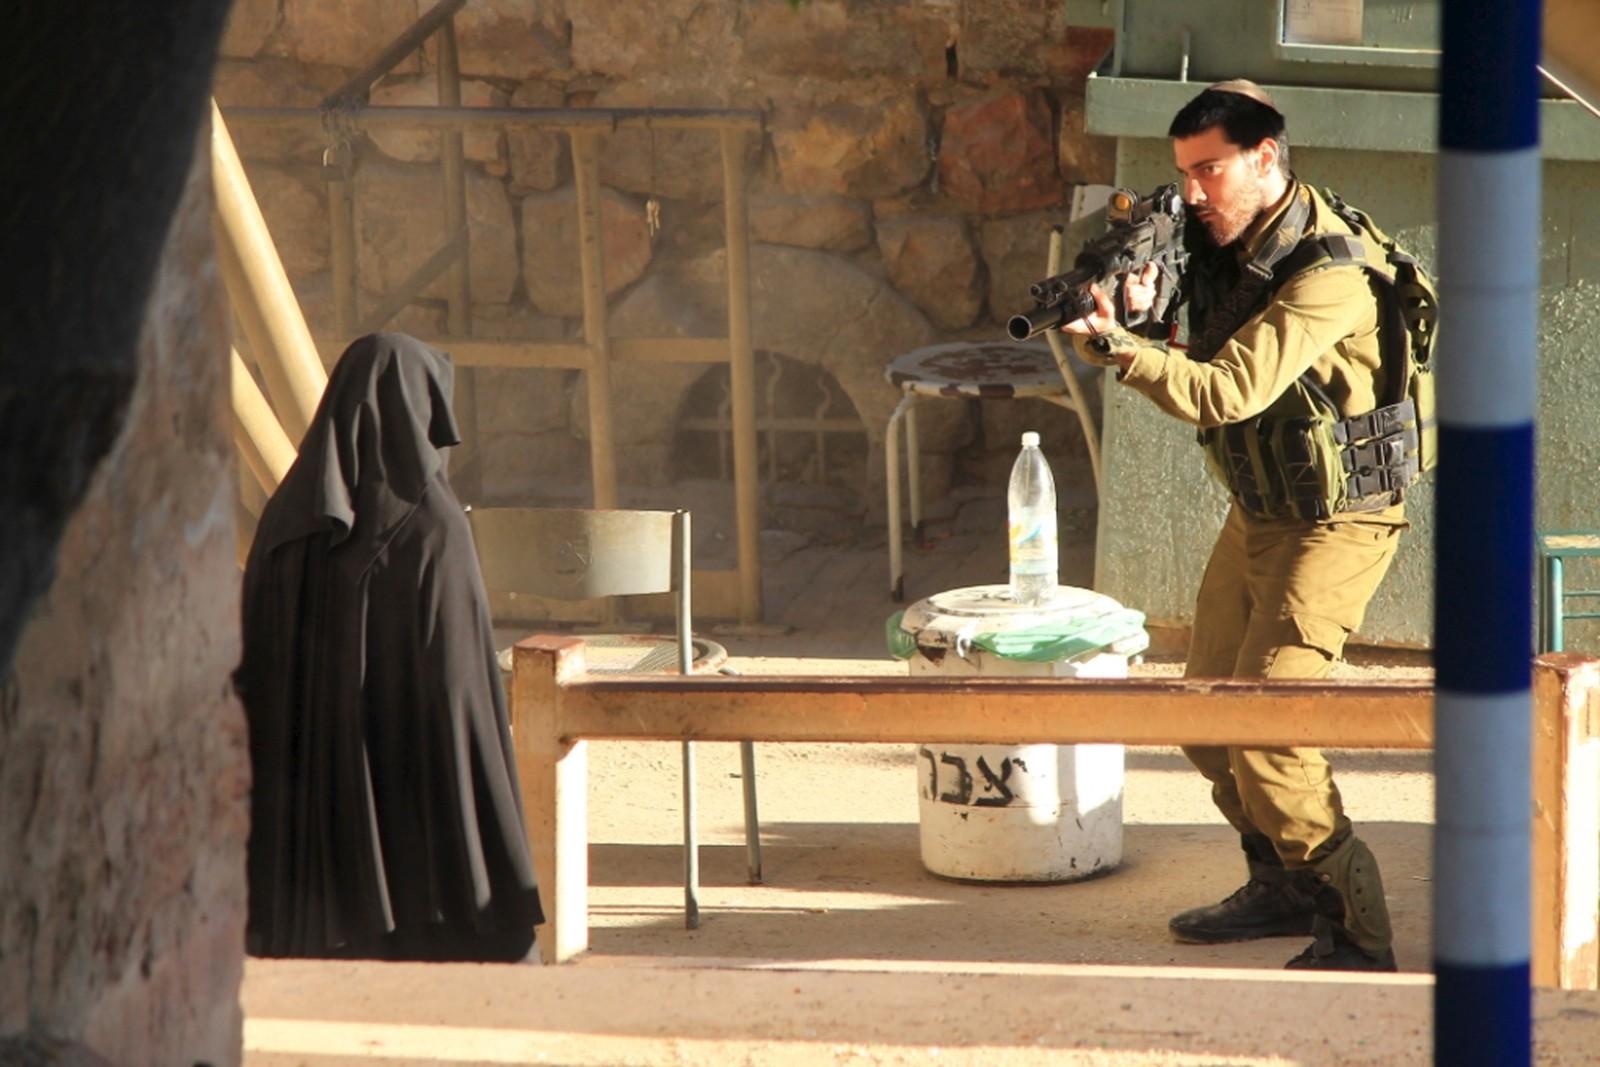 En israelsk soldat sikter på en kvinne, som hevdes å være den 19 år gamle palestinske studenten Hadeel al-Hashlamun, før hun ble skutt og drept av israelske styrker i Hebron. Israelerne sier de skjøt henne fordi hun prøvde å knivstikke en soldat. Slektningene hennes og den israelske menneskerettighetsorganisasjonen B'Tselem stiller spørsmålstegn ved denne forklaringen.